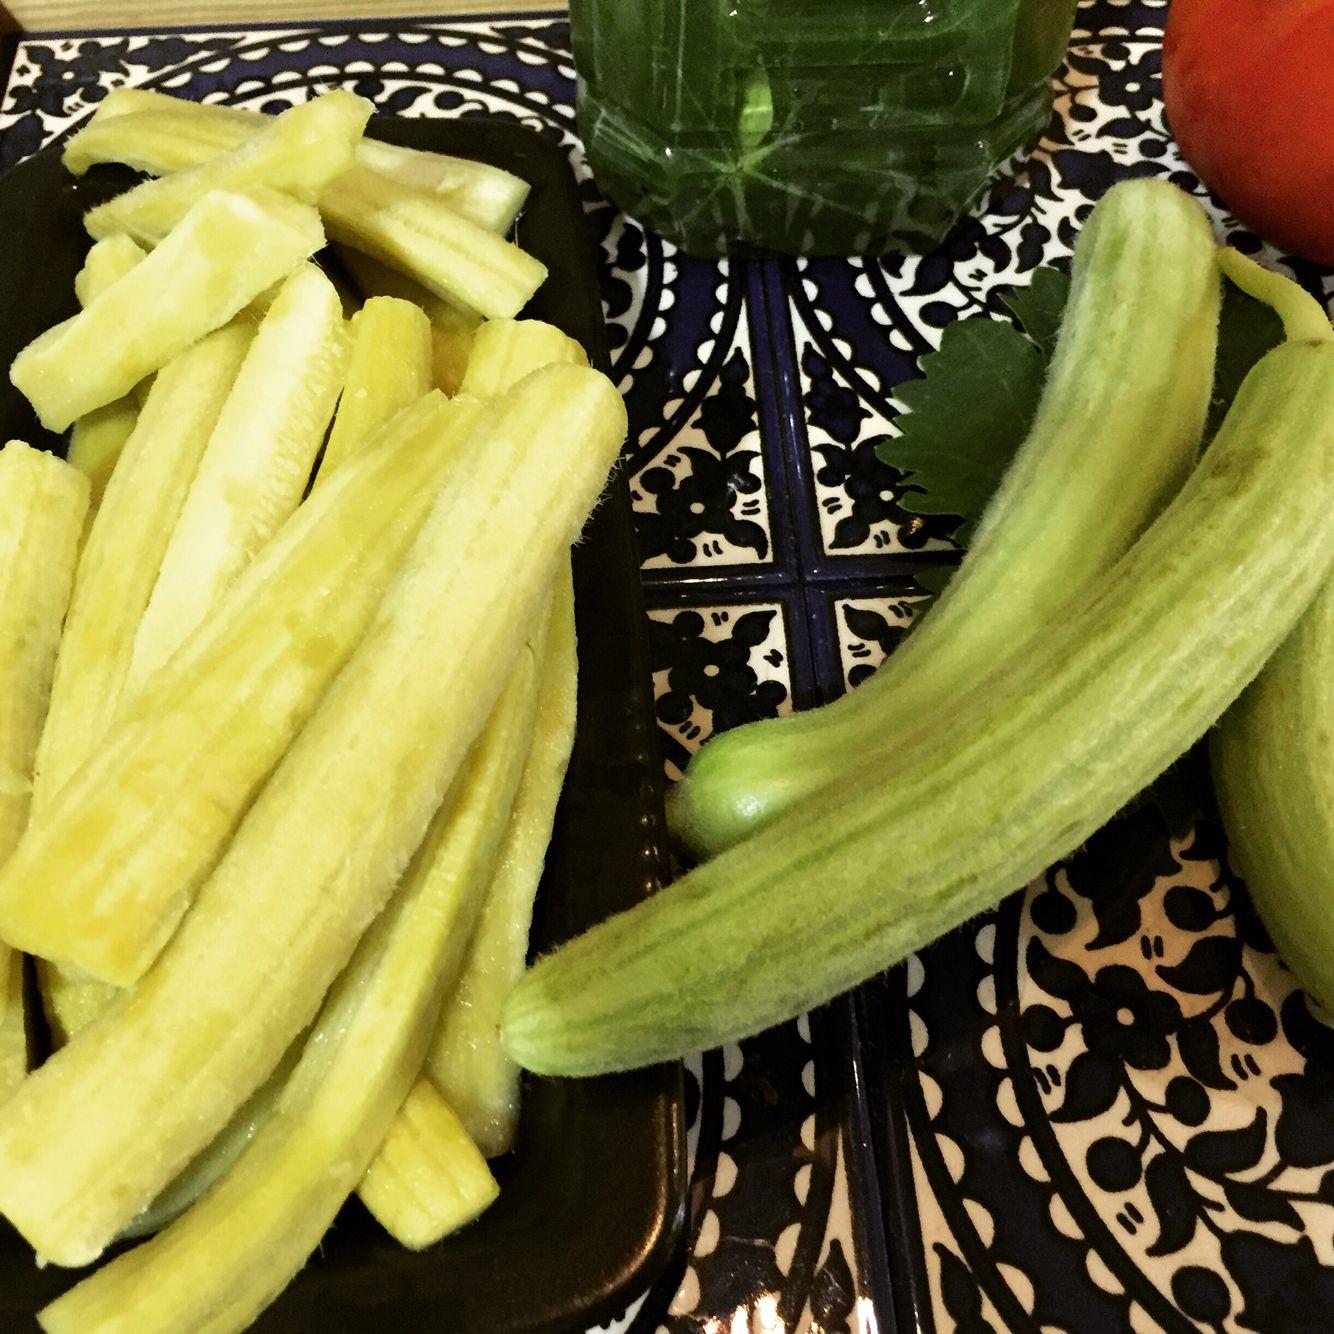 مخلل فقوس Vegetables Celery